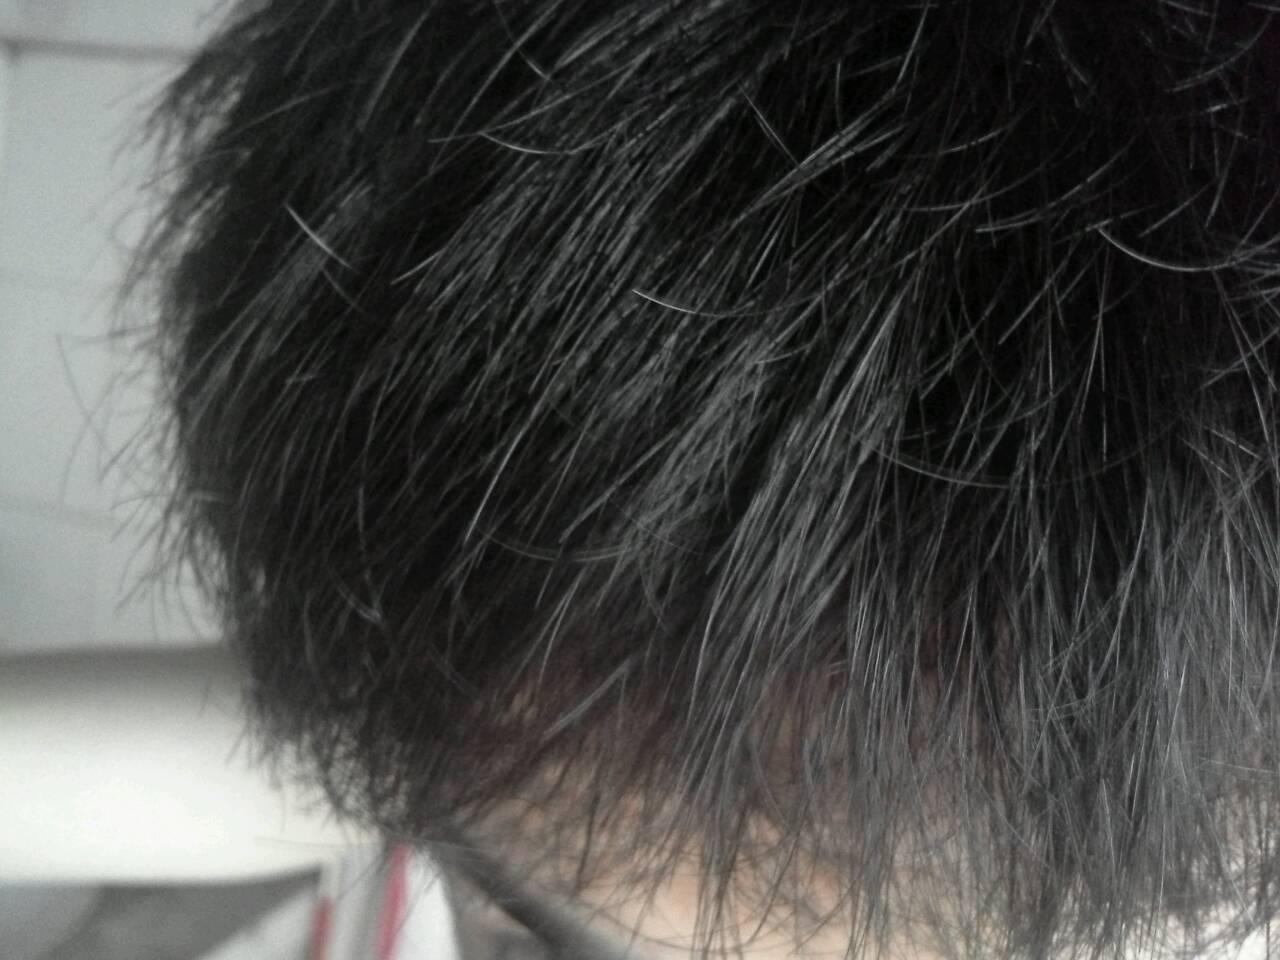 我头发每天都洗,变得干枯毛躁还很硬,怎么变回柔顺!图片